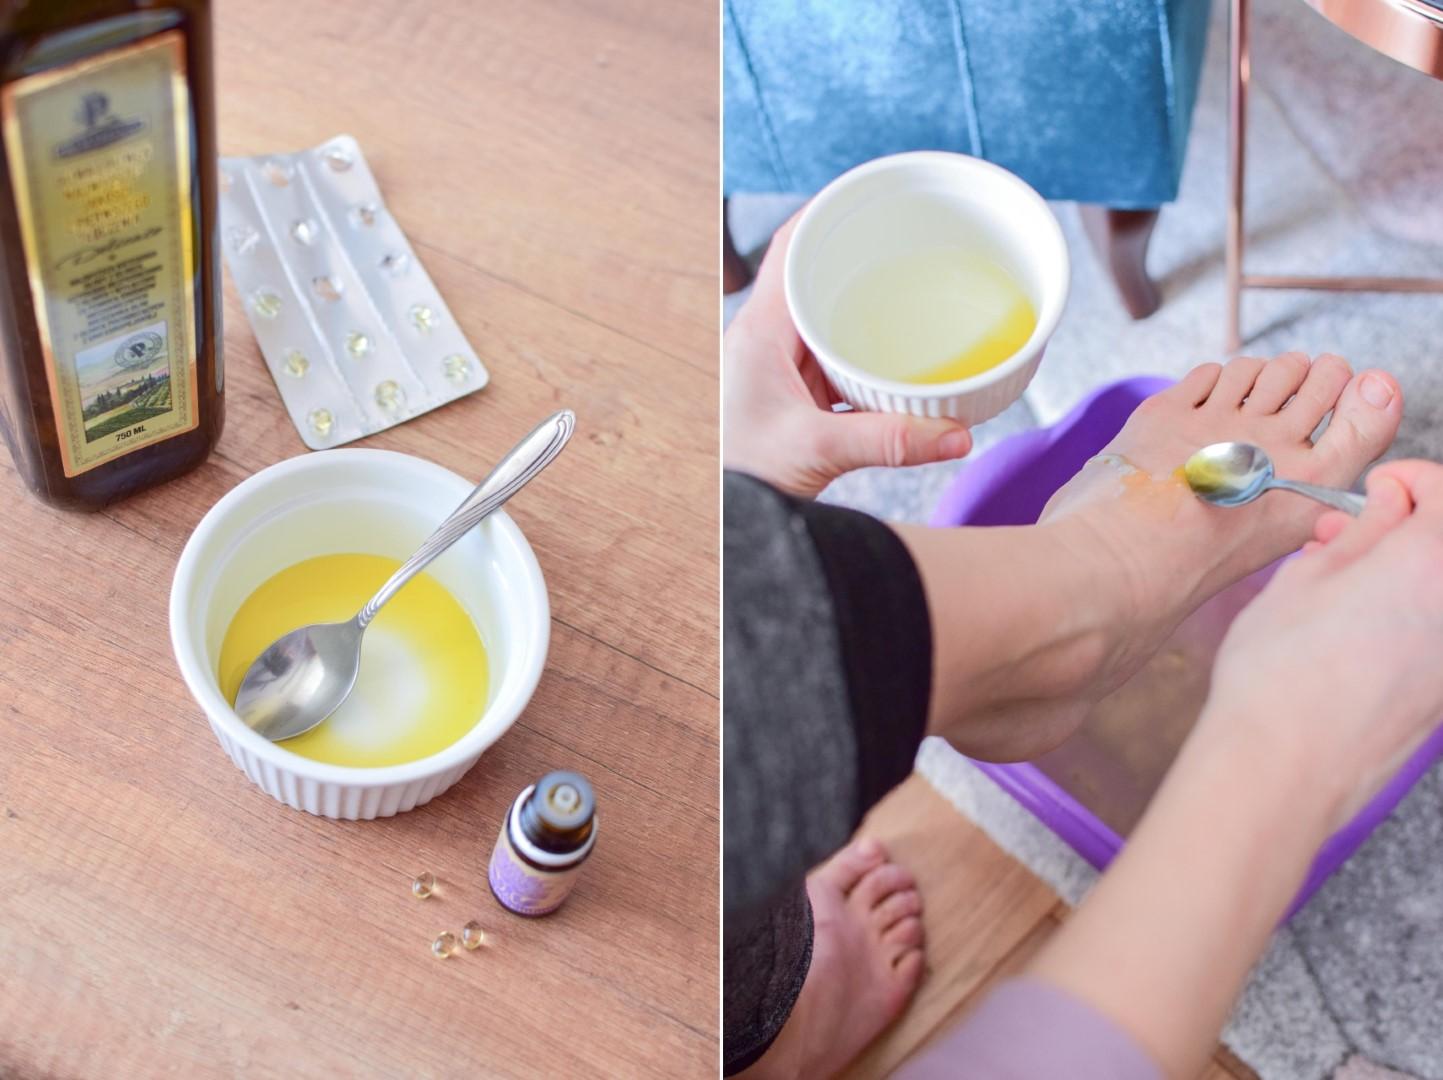 domowe_spa_regeneracja_stóp_zabieg_przepis_blog_kąpiel_peeling_masaż